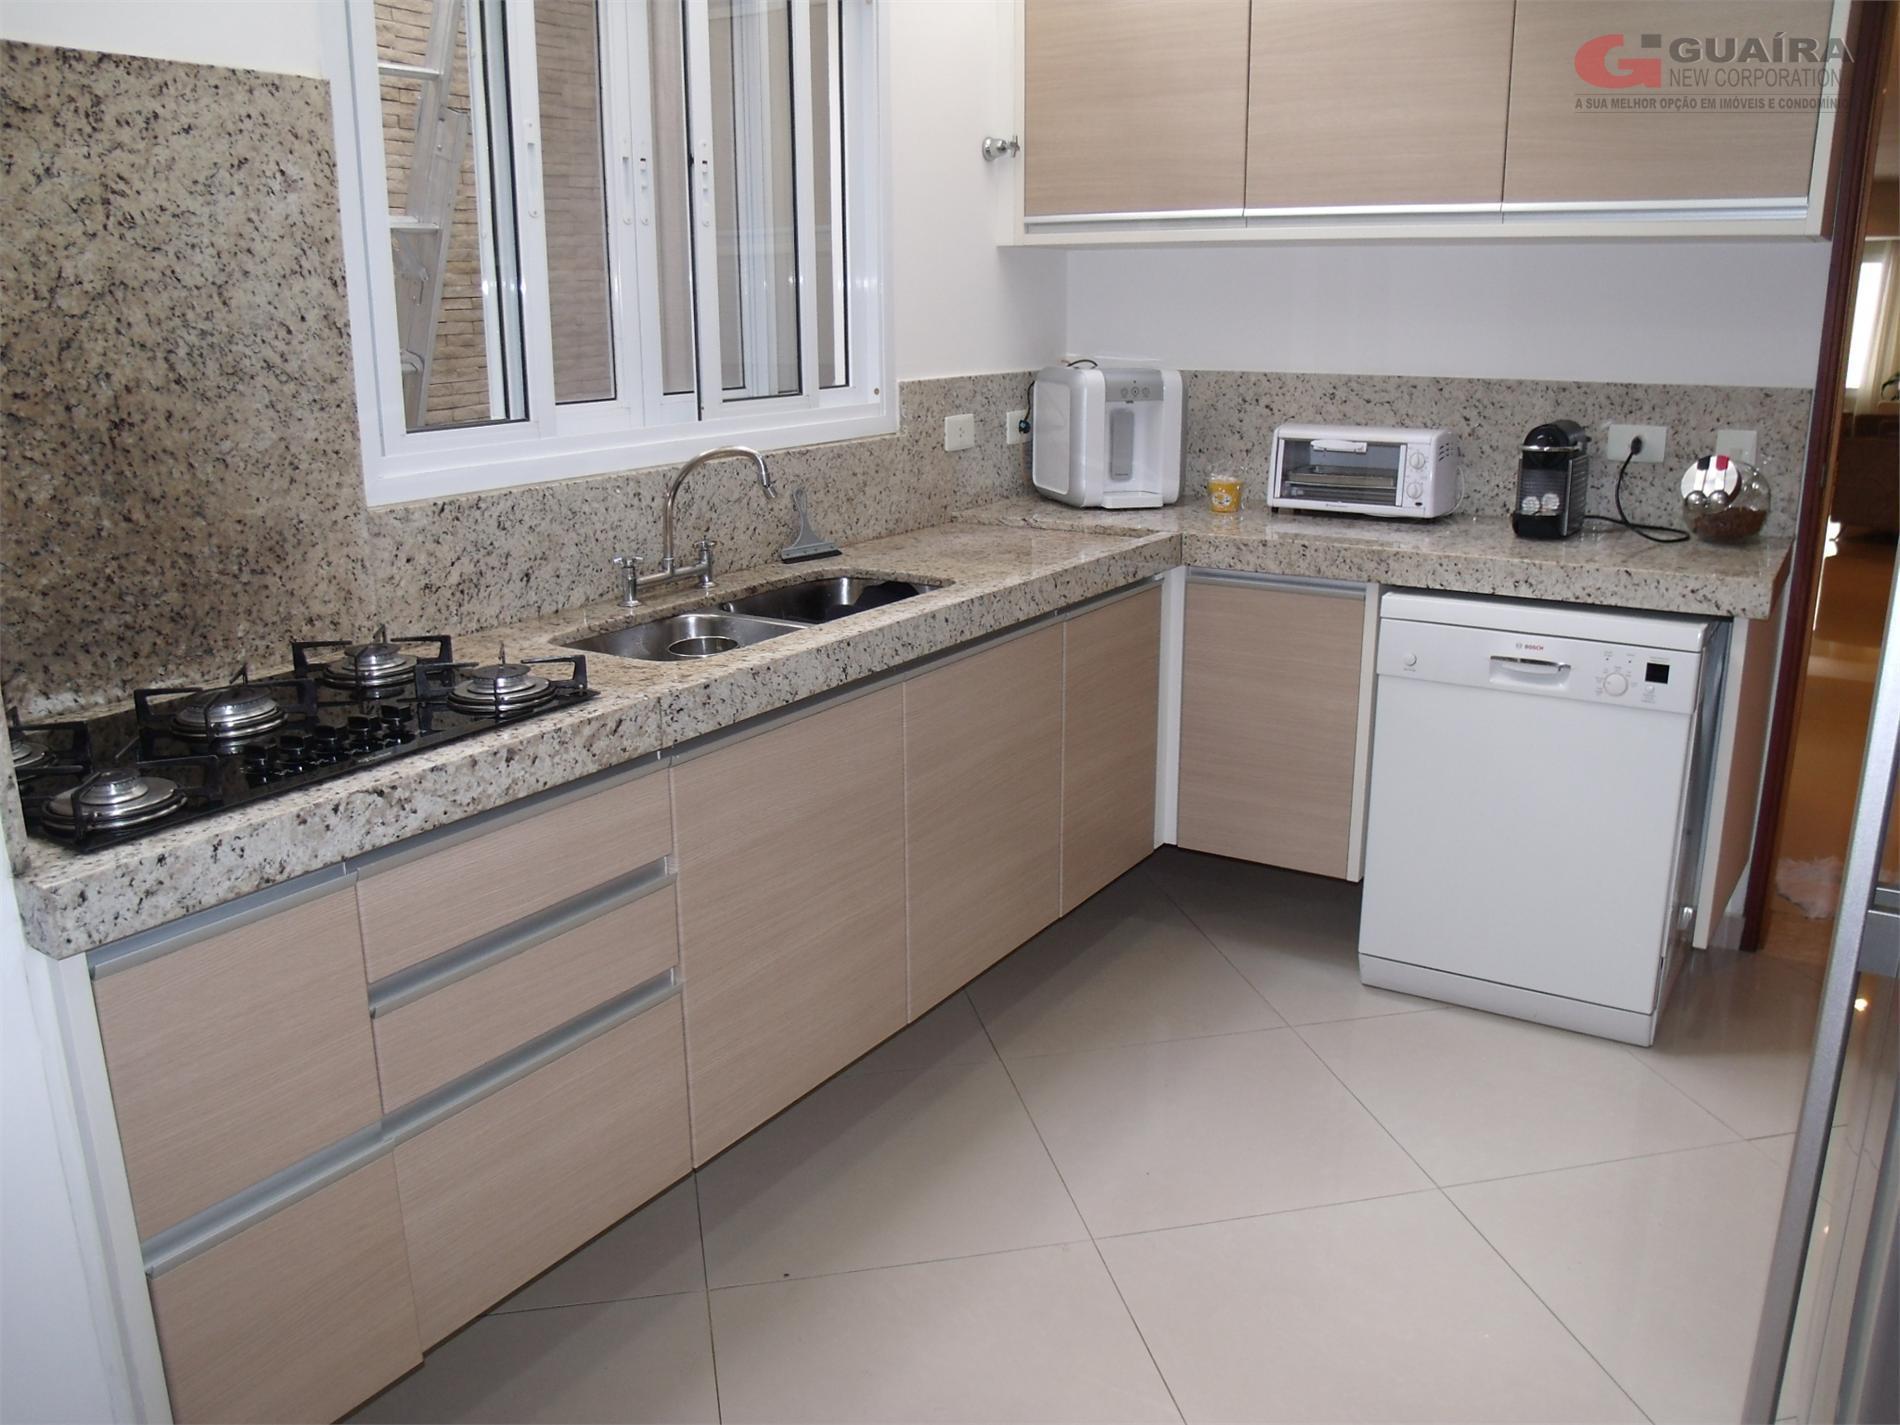 Sobrado de 5 dormitórios em Rudge Ramos, São Bernardo Do Campo - SP